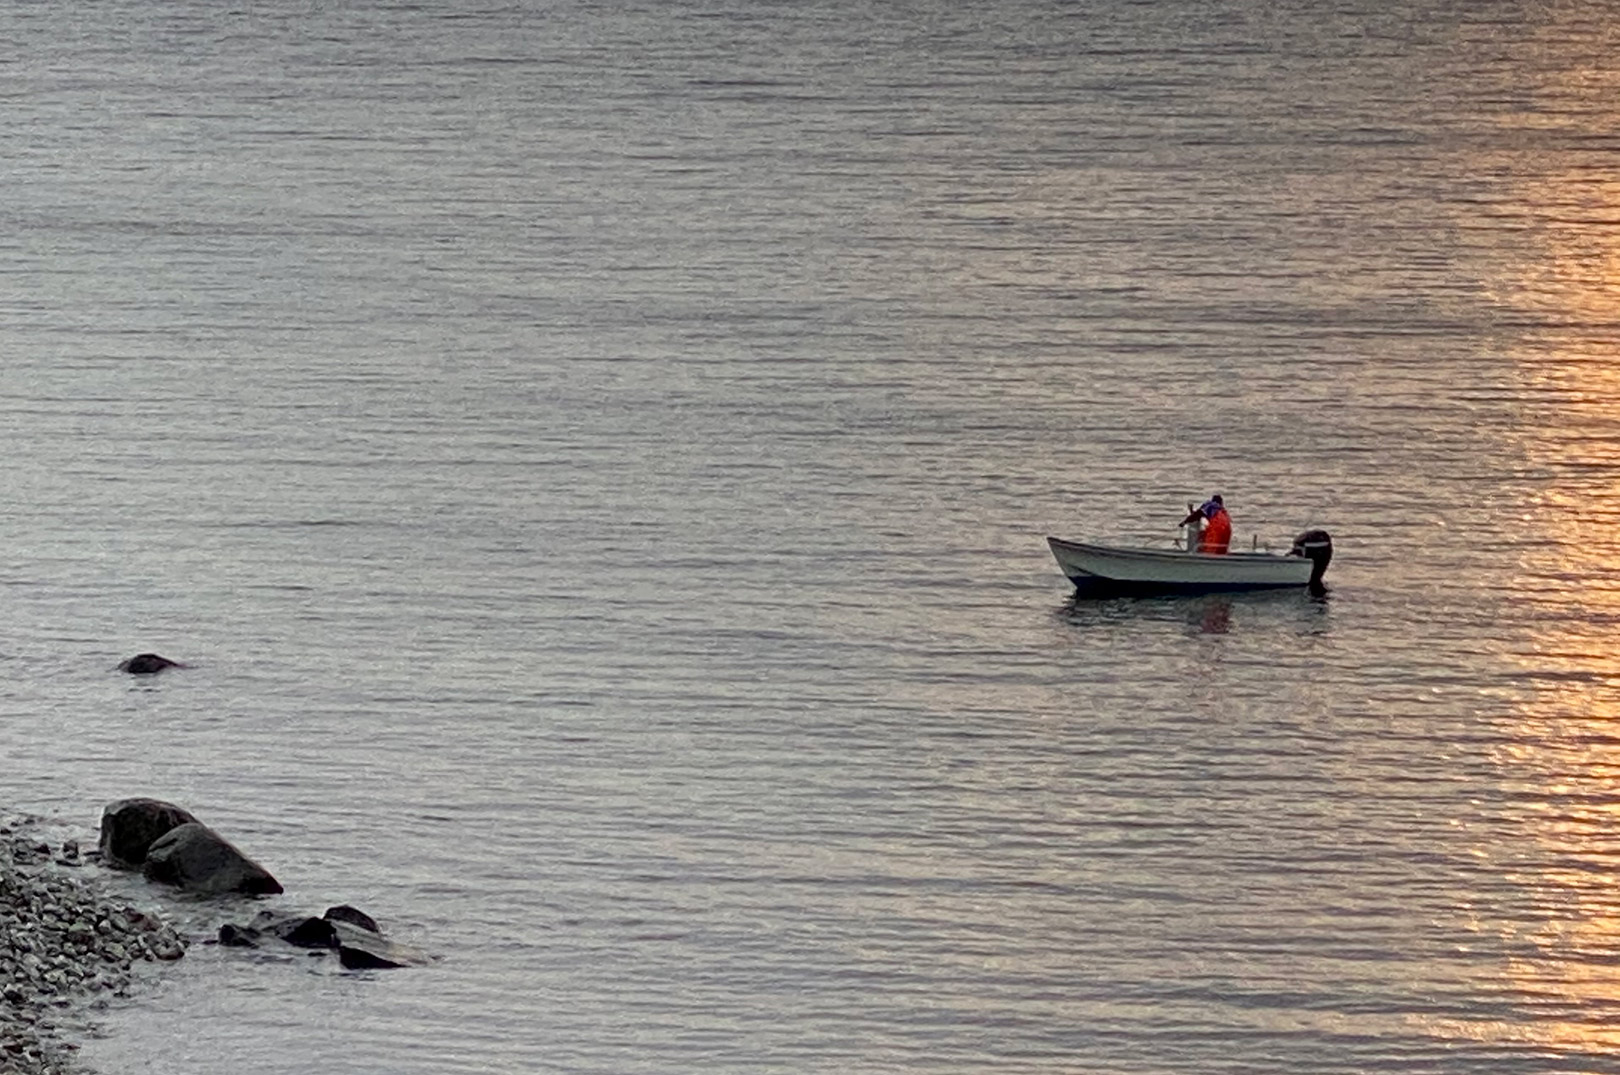 Det var da denne fritidsfisker blev anmeldt for at sætte ulovlige garn ved Stevns, at en fiskerikontrollør meldte ud at Fiskeristyrelsen pt havde stoppet for kontrol med det rekreative fiskeri.